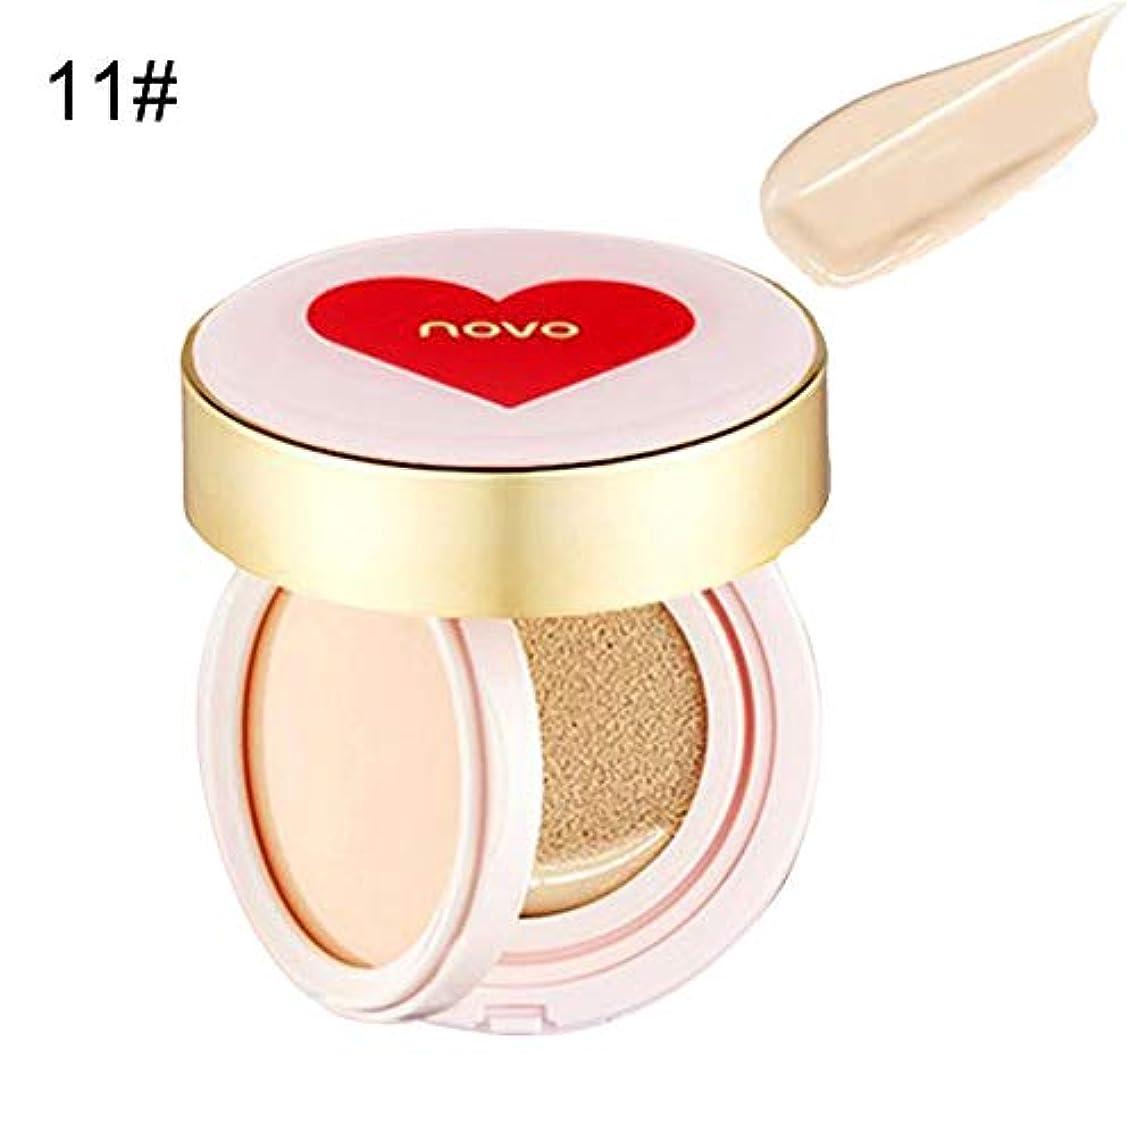 集中的な何故なの合図エアクッションCCクリーム増光コンシーラー化粧仕上げ保湿化粧品 - 11#